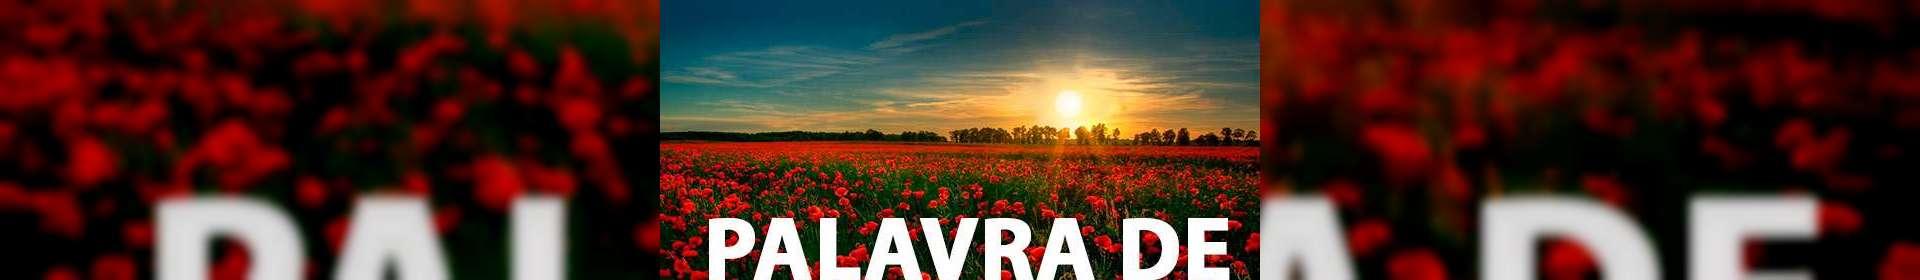 Isaías 41:10 - Uma Palavra de Esperança para sua vida